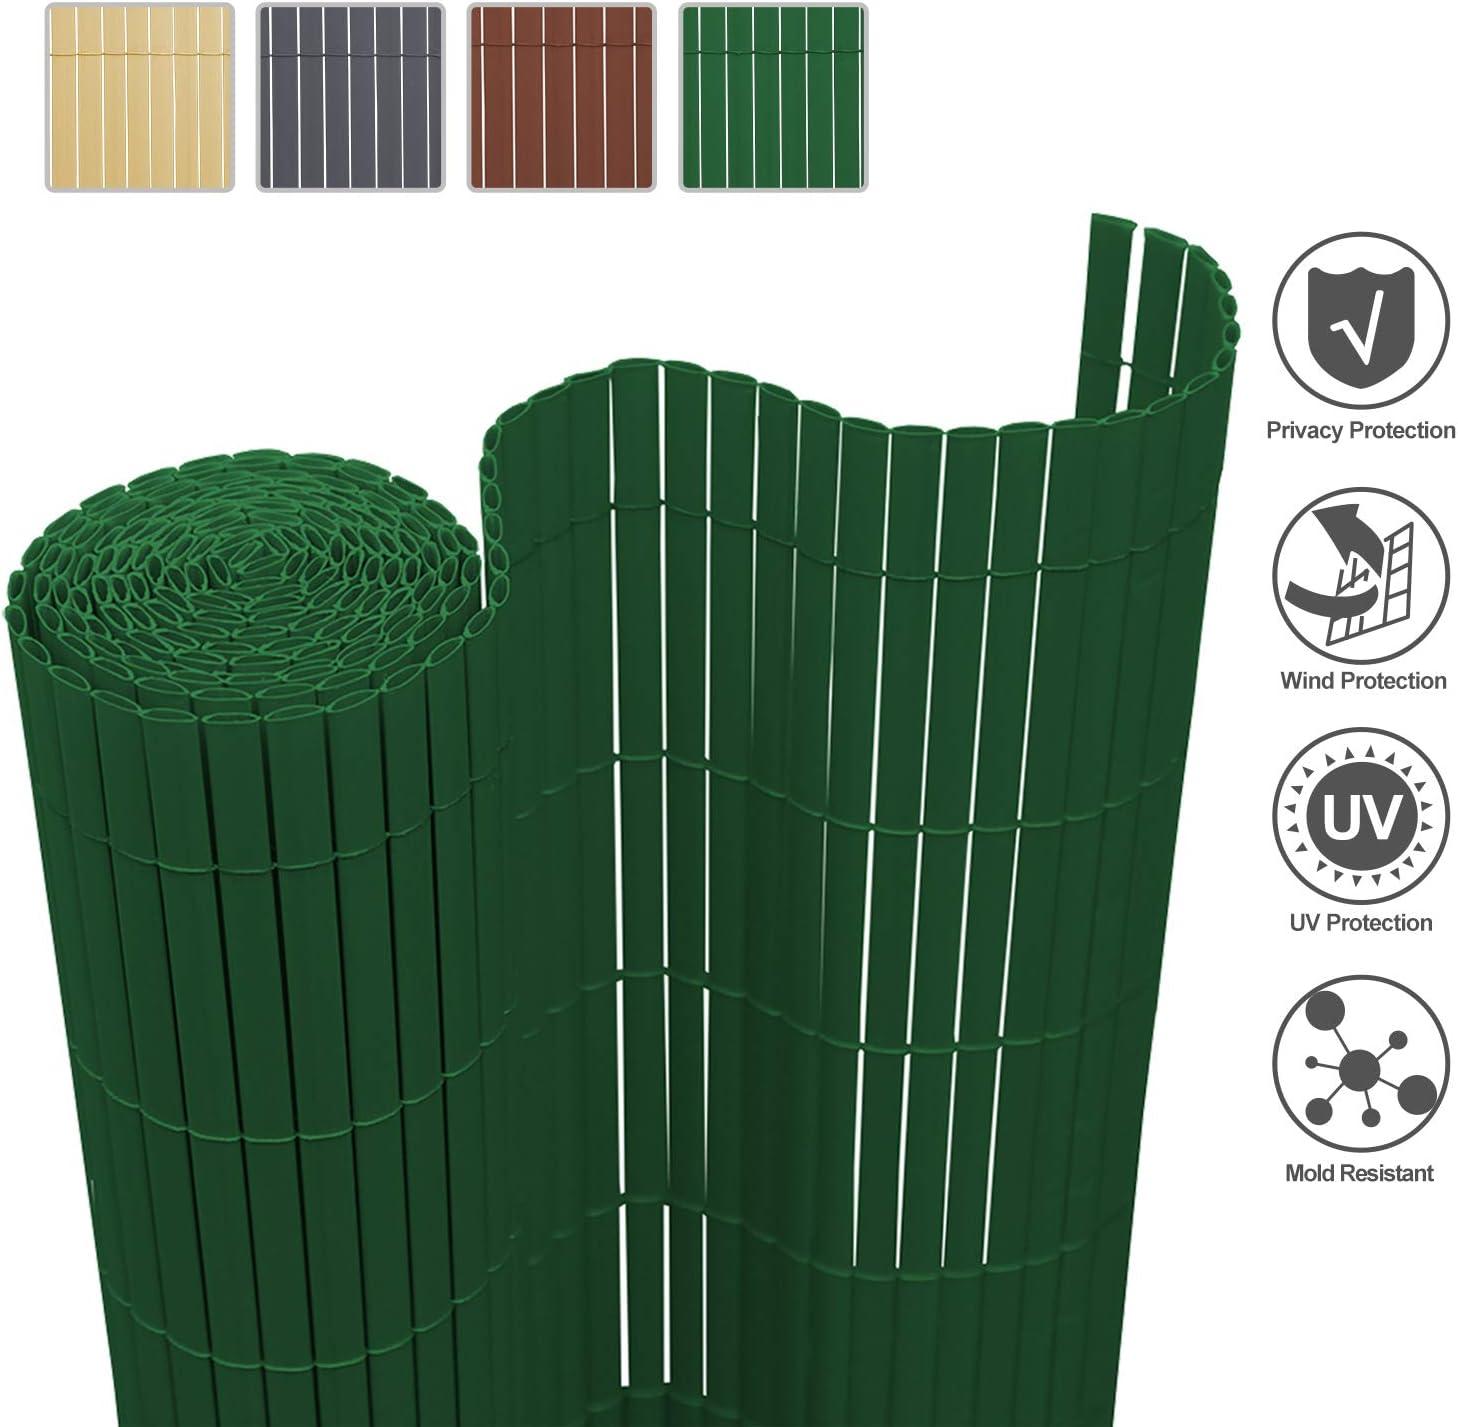 wolketon Estera de PVC Protecci/ón Privacidad//Gris 80x400cm// Protector contra el Viento para Jard/ín Balc/óny Terraza//UV-Resistente Lavable